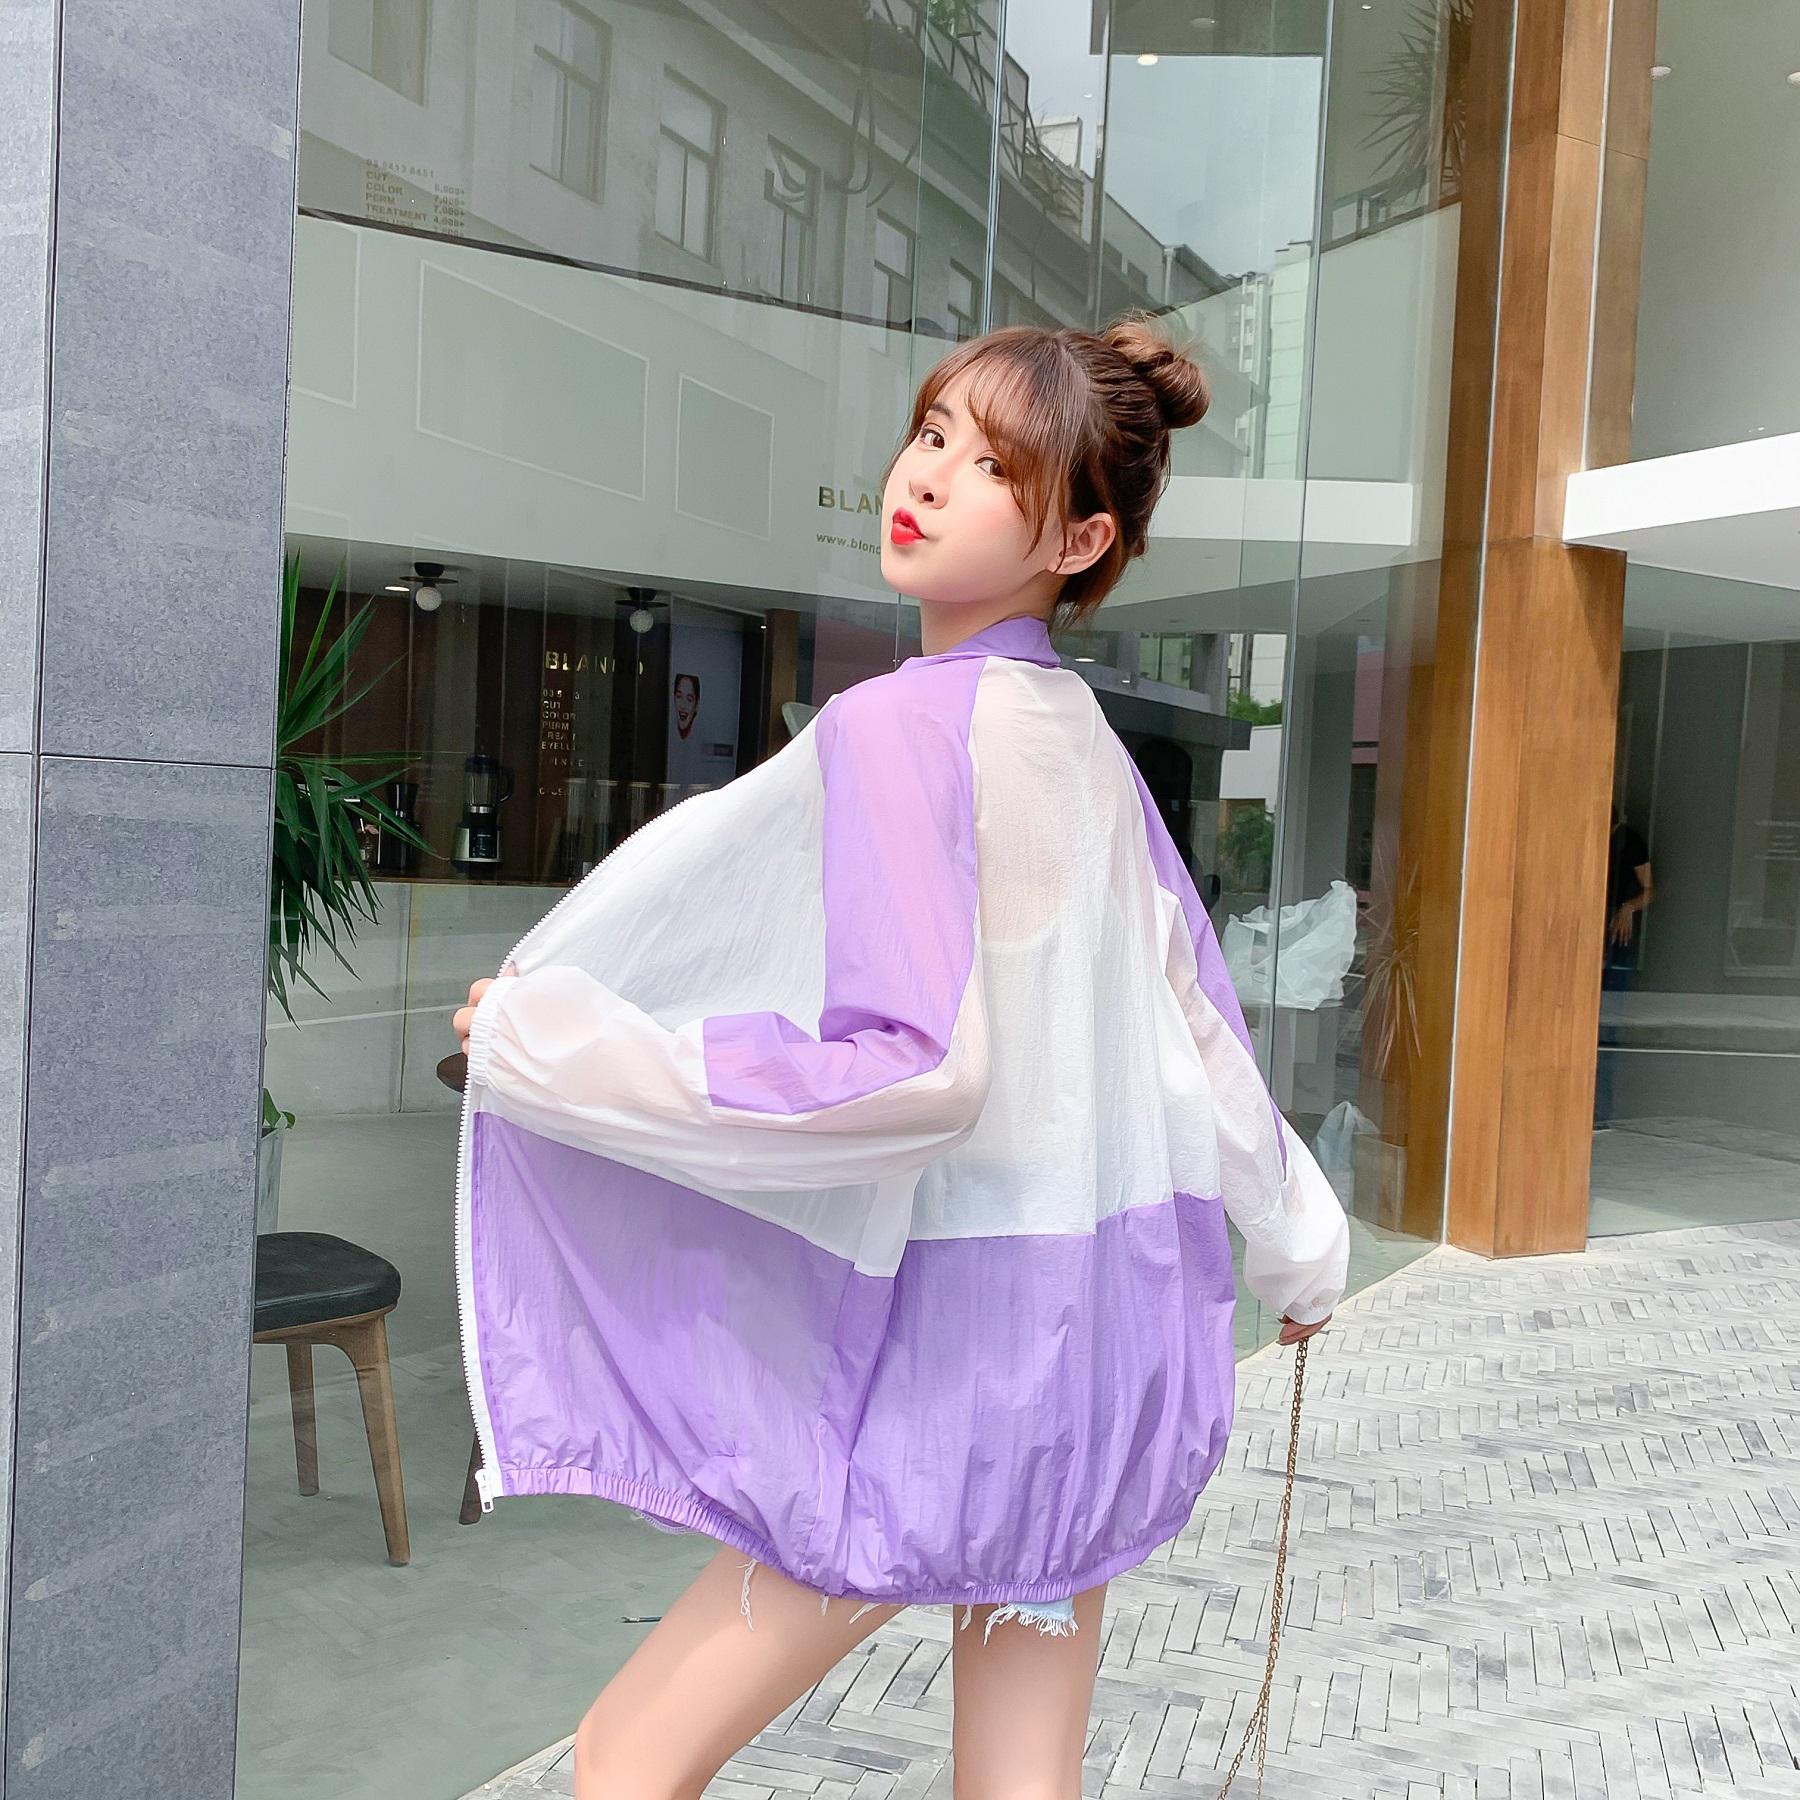 防晒衣女2020新款夏防紫外线透气冰丝防晒衫紫色长袖防晒服薄外套-佐伊家服饰-